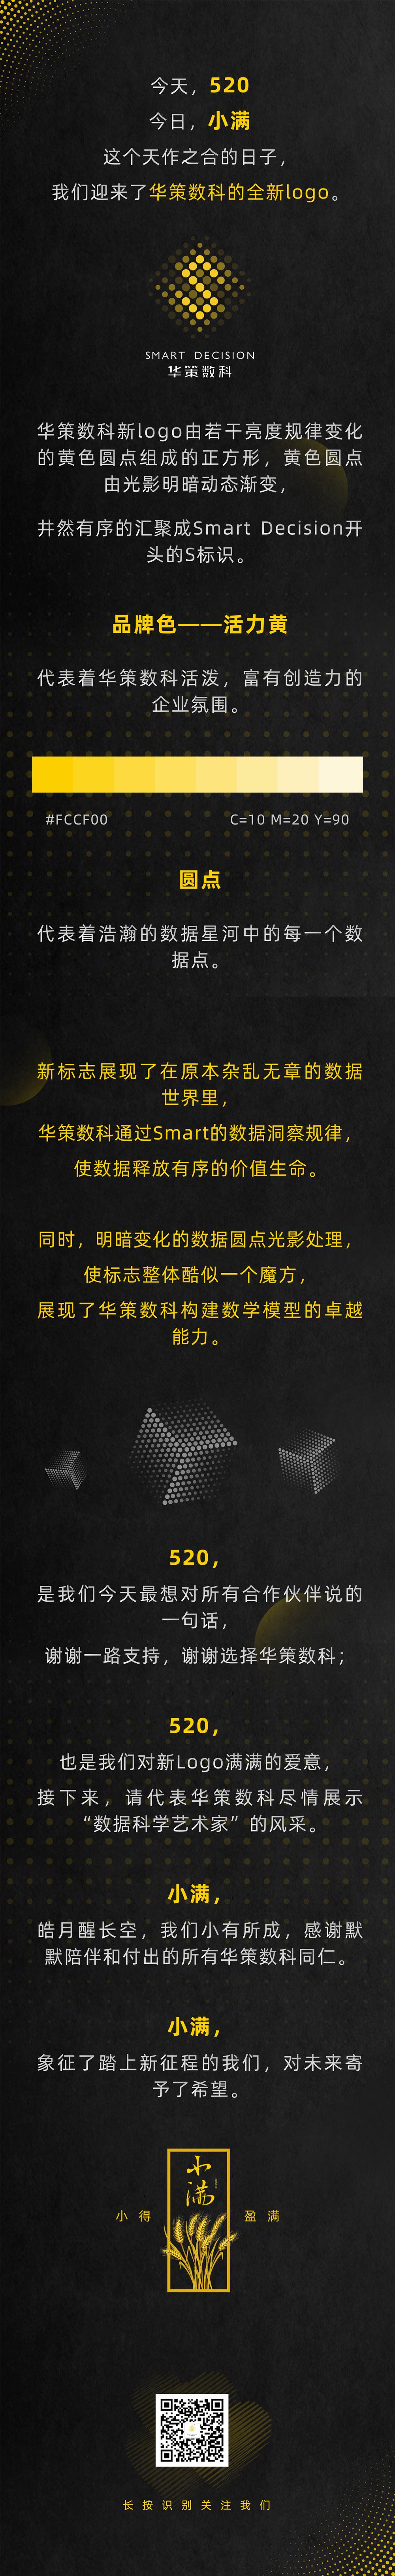 微信图片_20200520173816.jpg